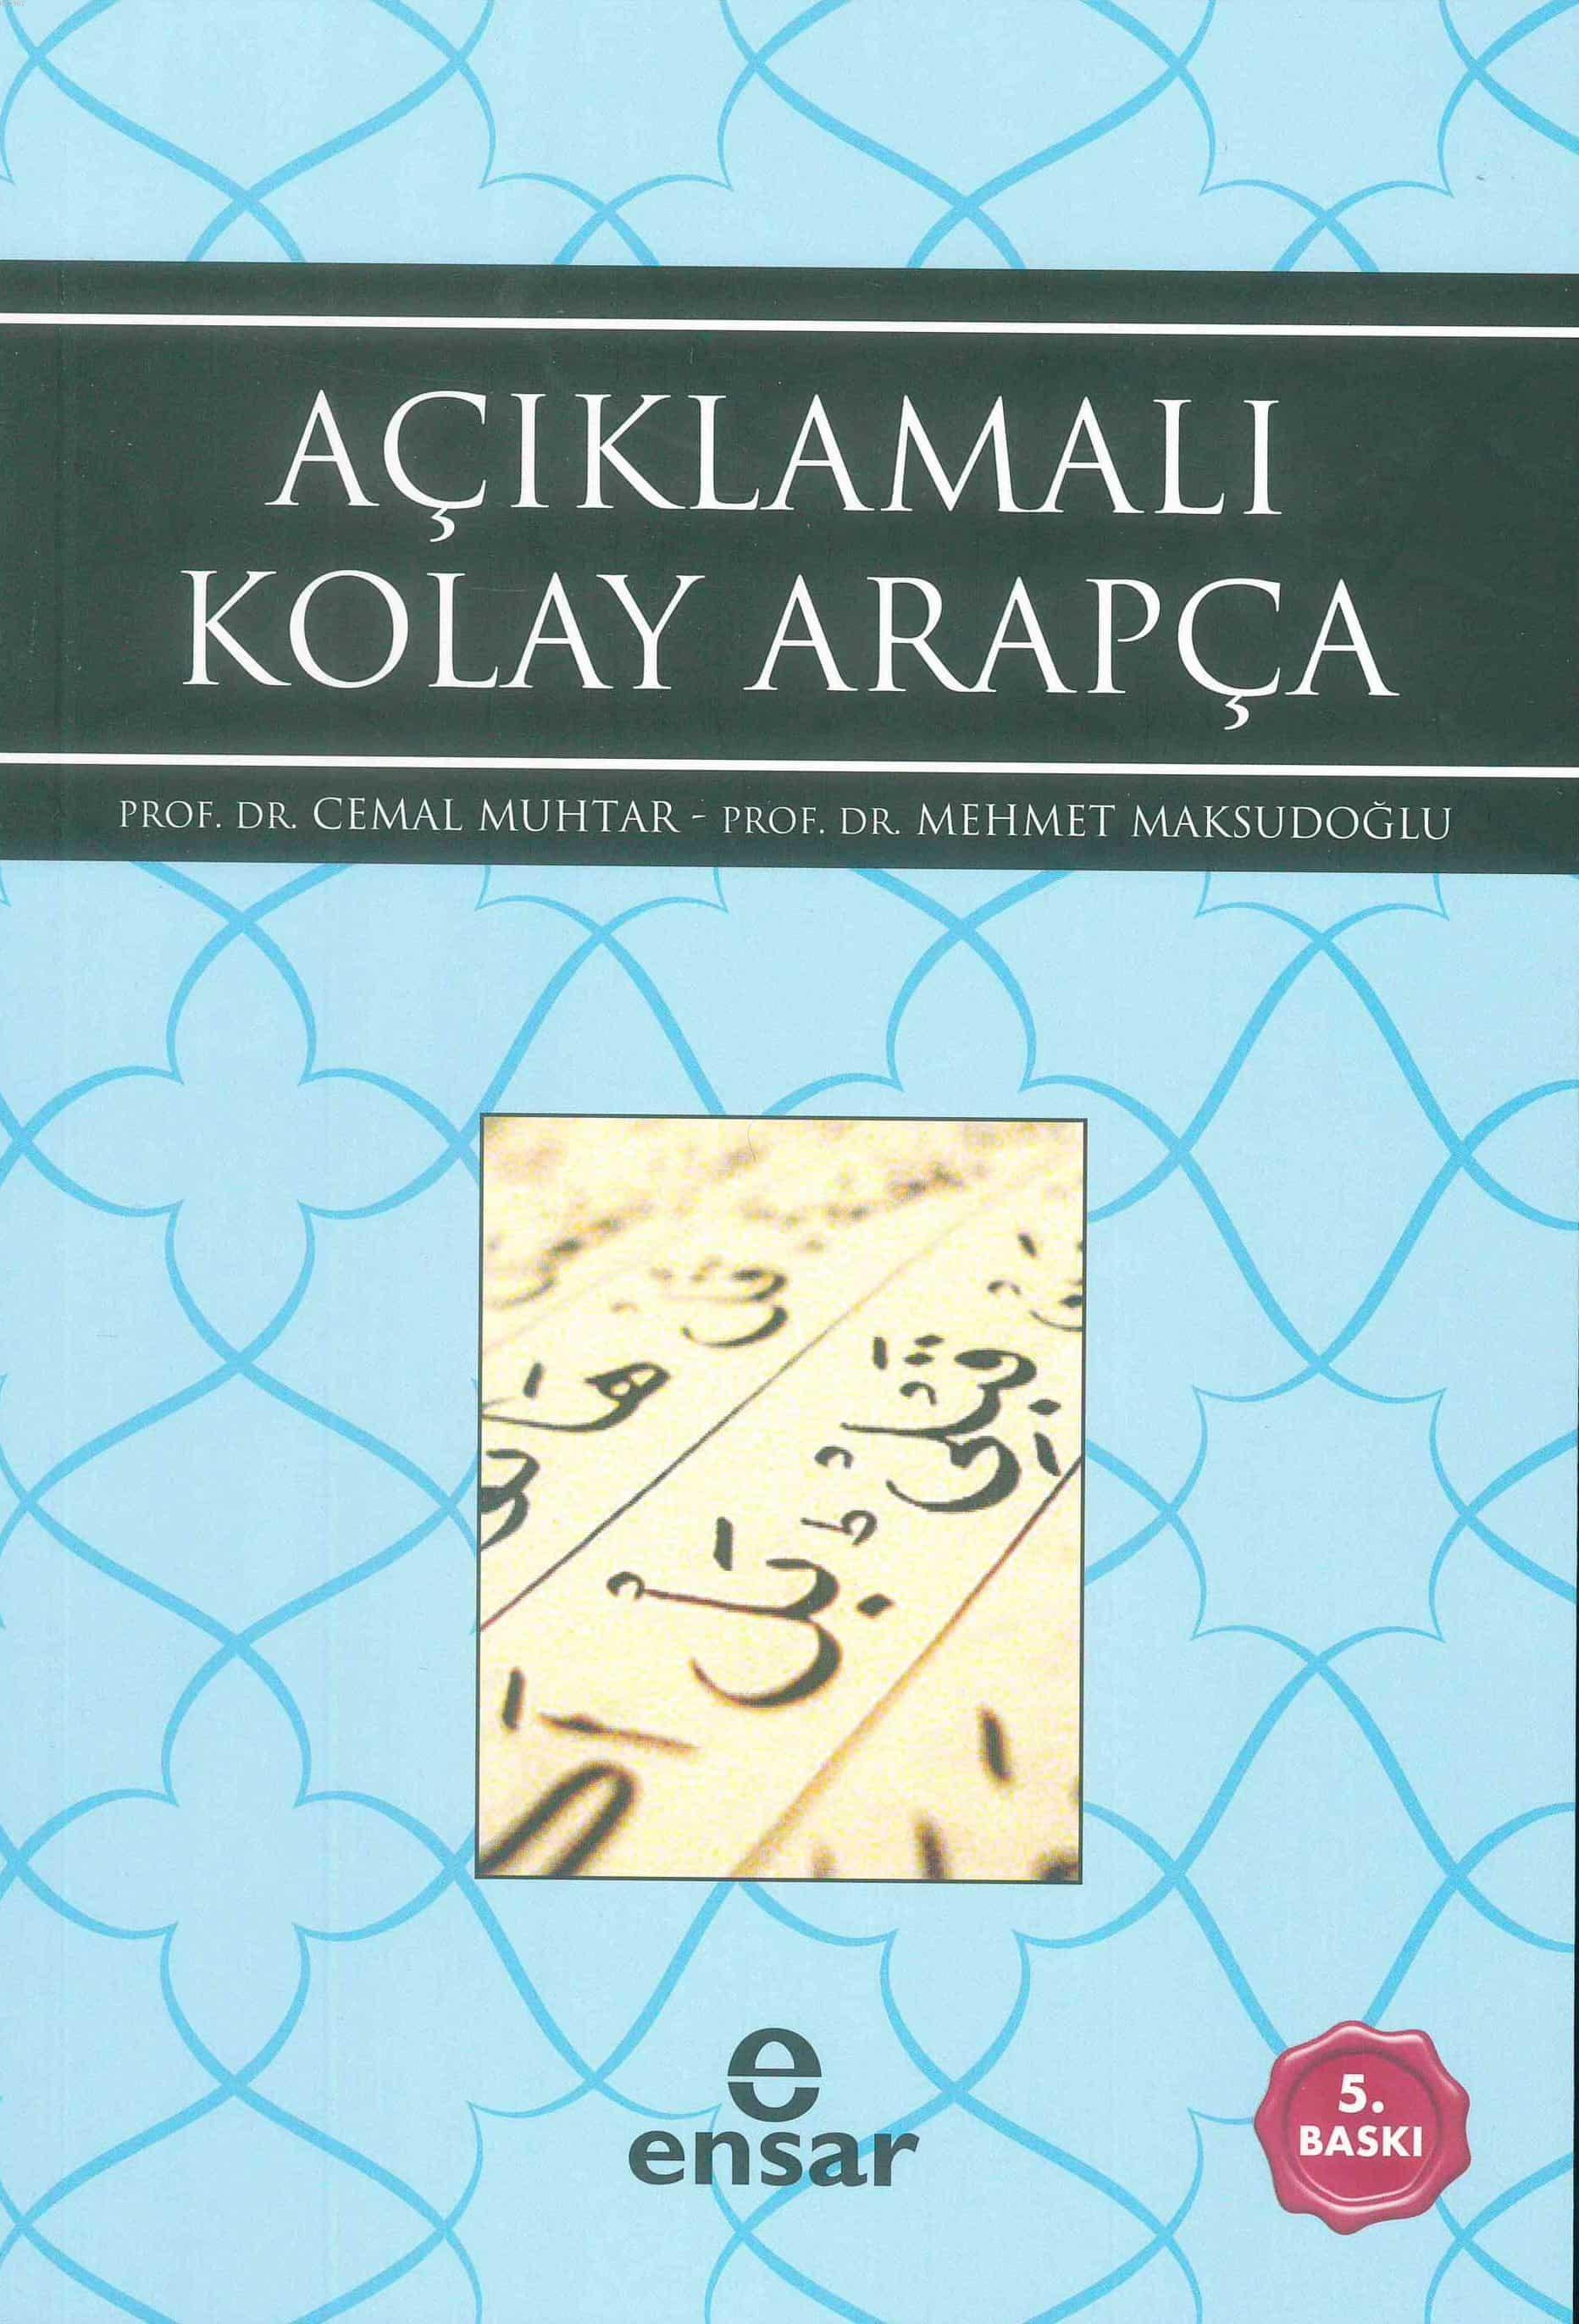 Açıklamalı Kolay Arapça